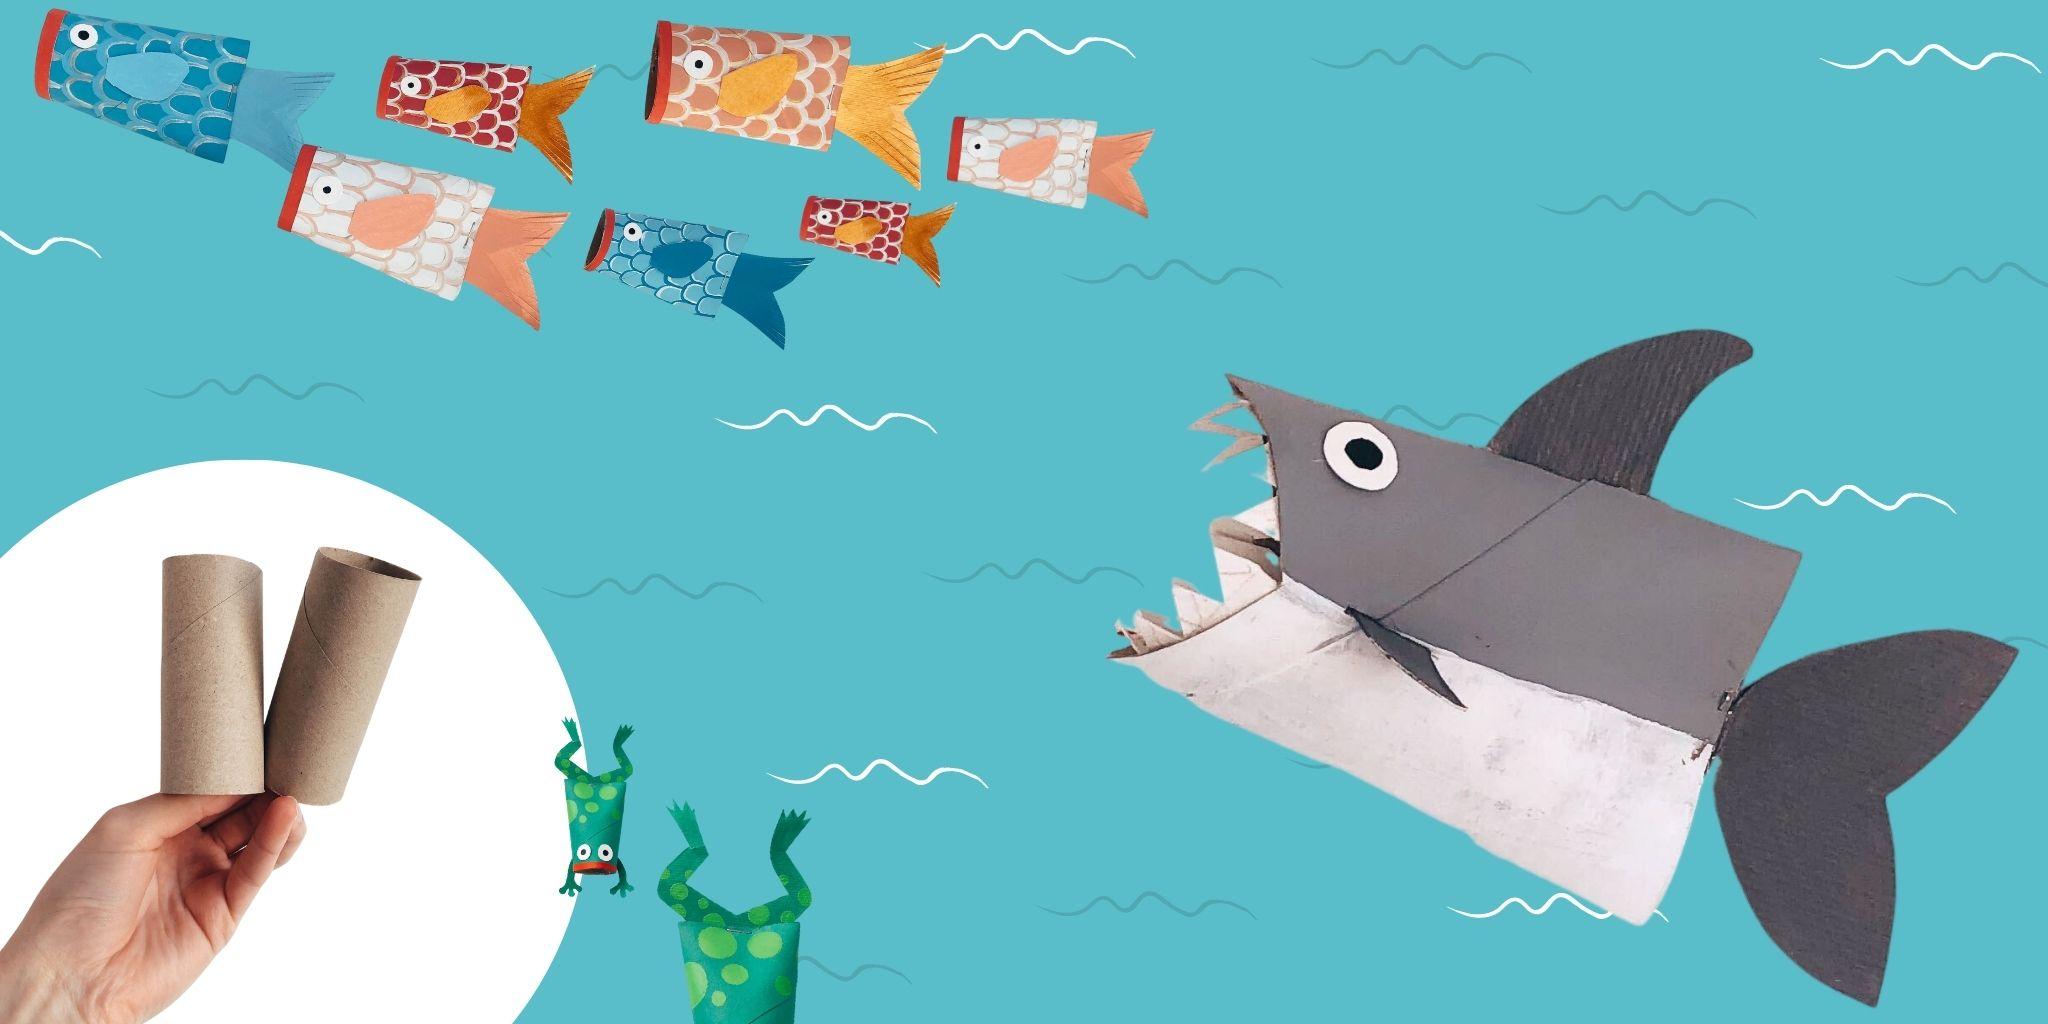 Animali con rotoli di carta igienica: squalo, rana e pesce